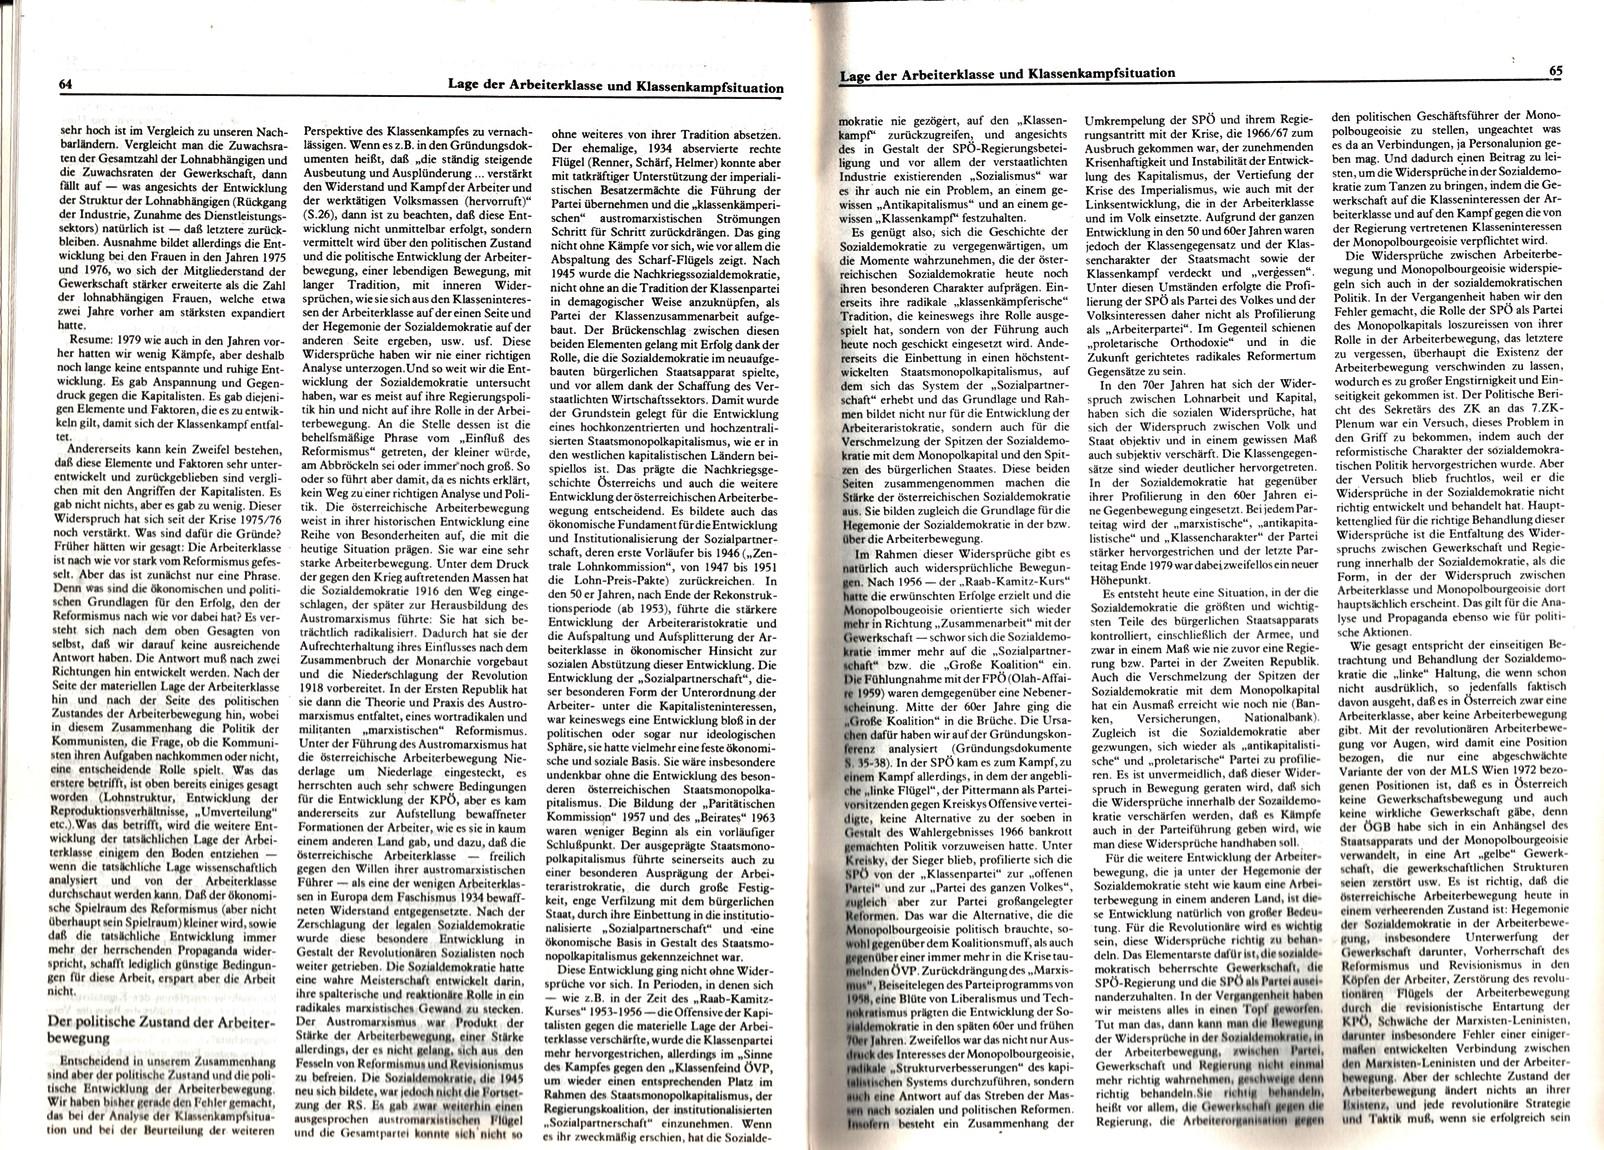 KBOe_TO_Kommunist_19800200_002_016